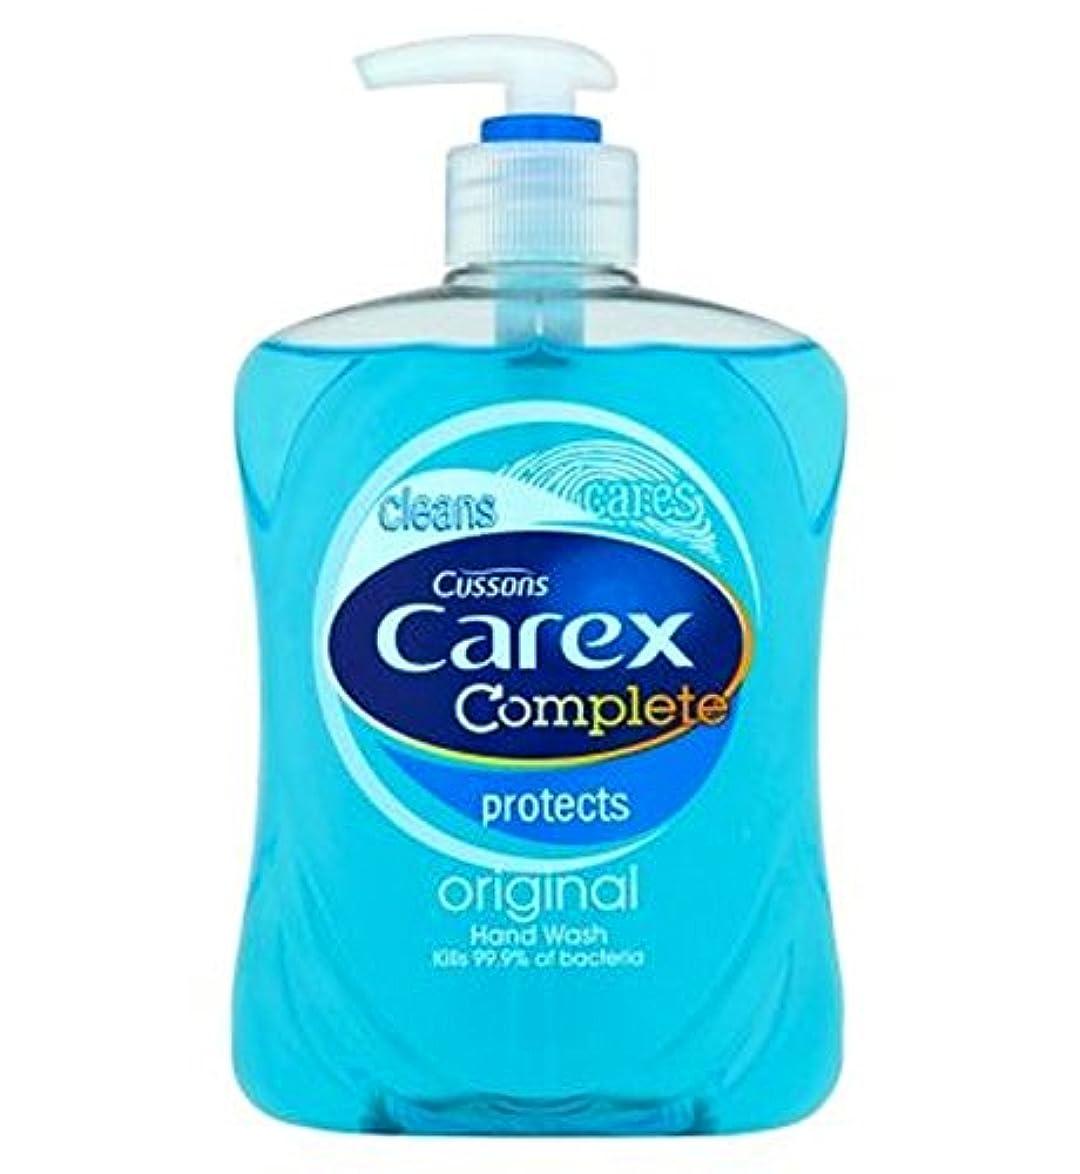 気体の競争登るCarex Complete Original Hand Wash 500ml - スゲ属の完全オリジナルのハンドウォッシュ500ミリリットル (Carex) [並行輸入品]